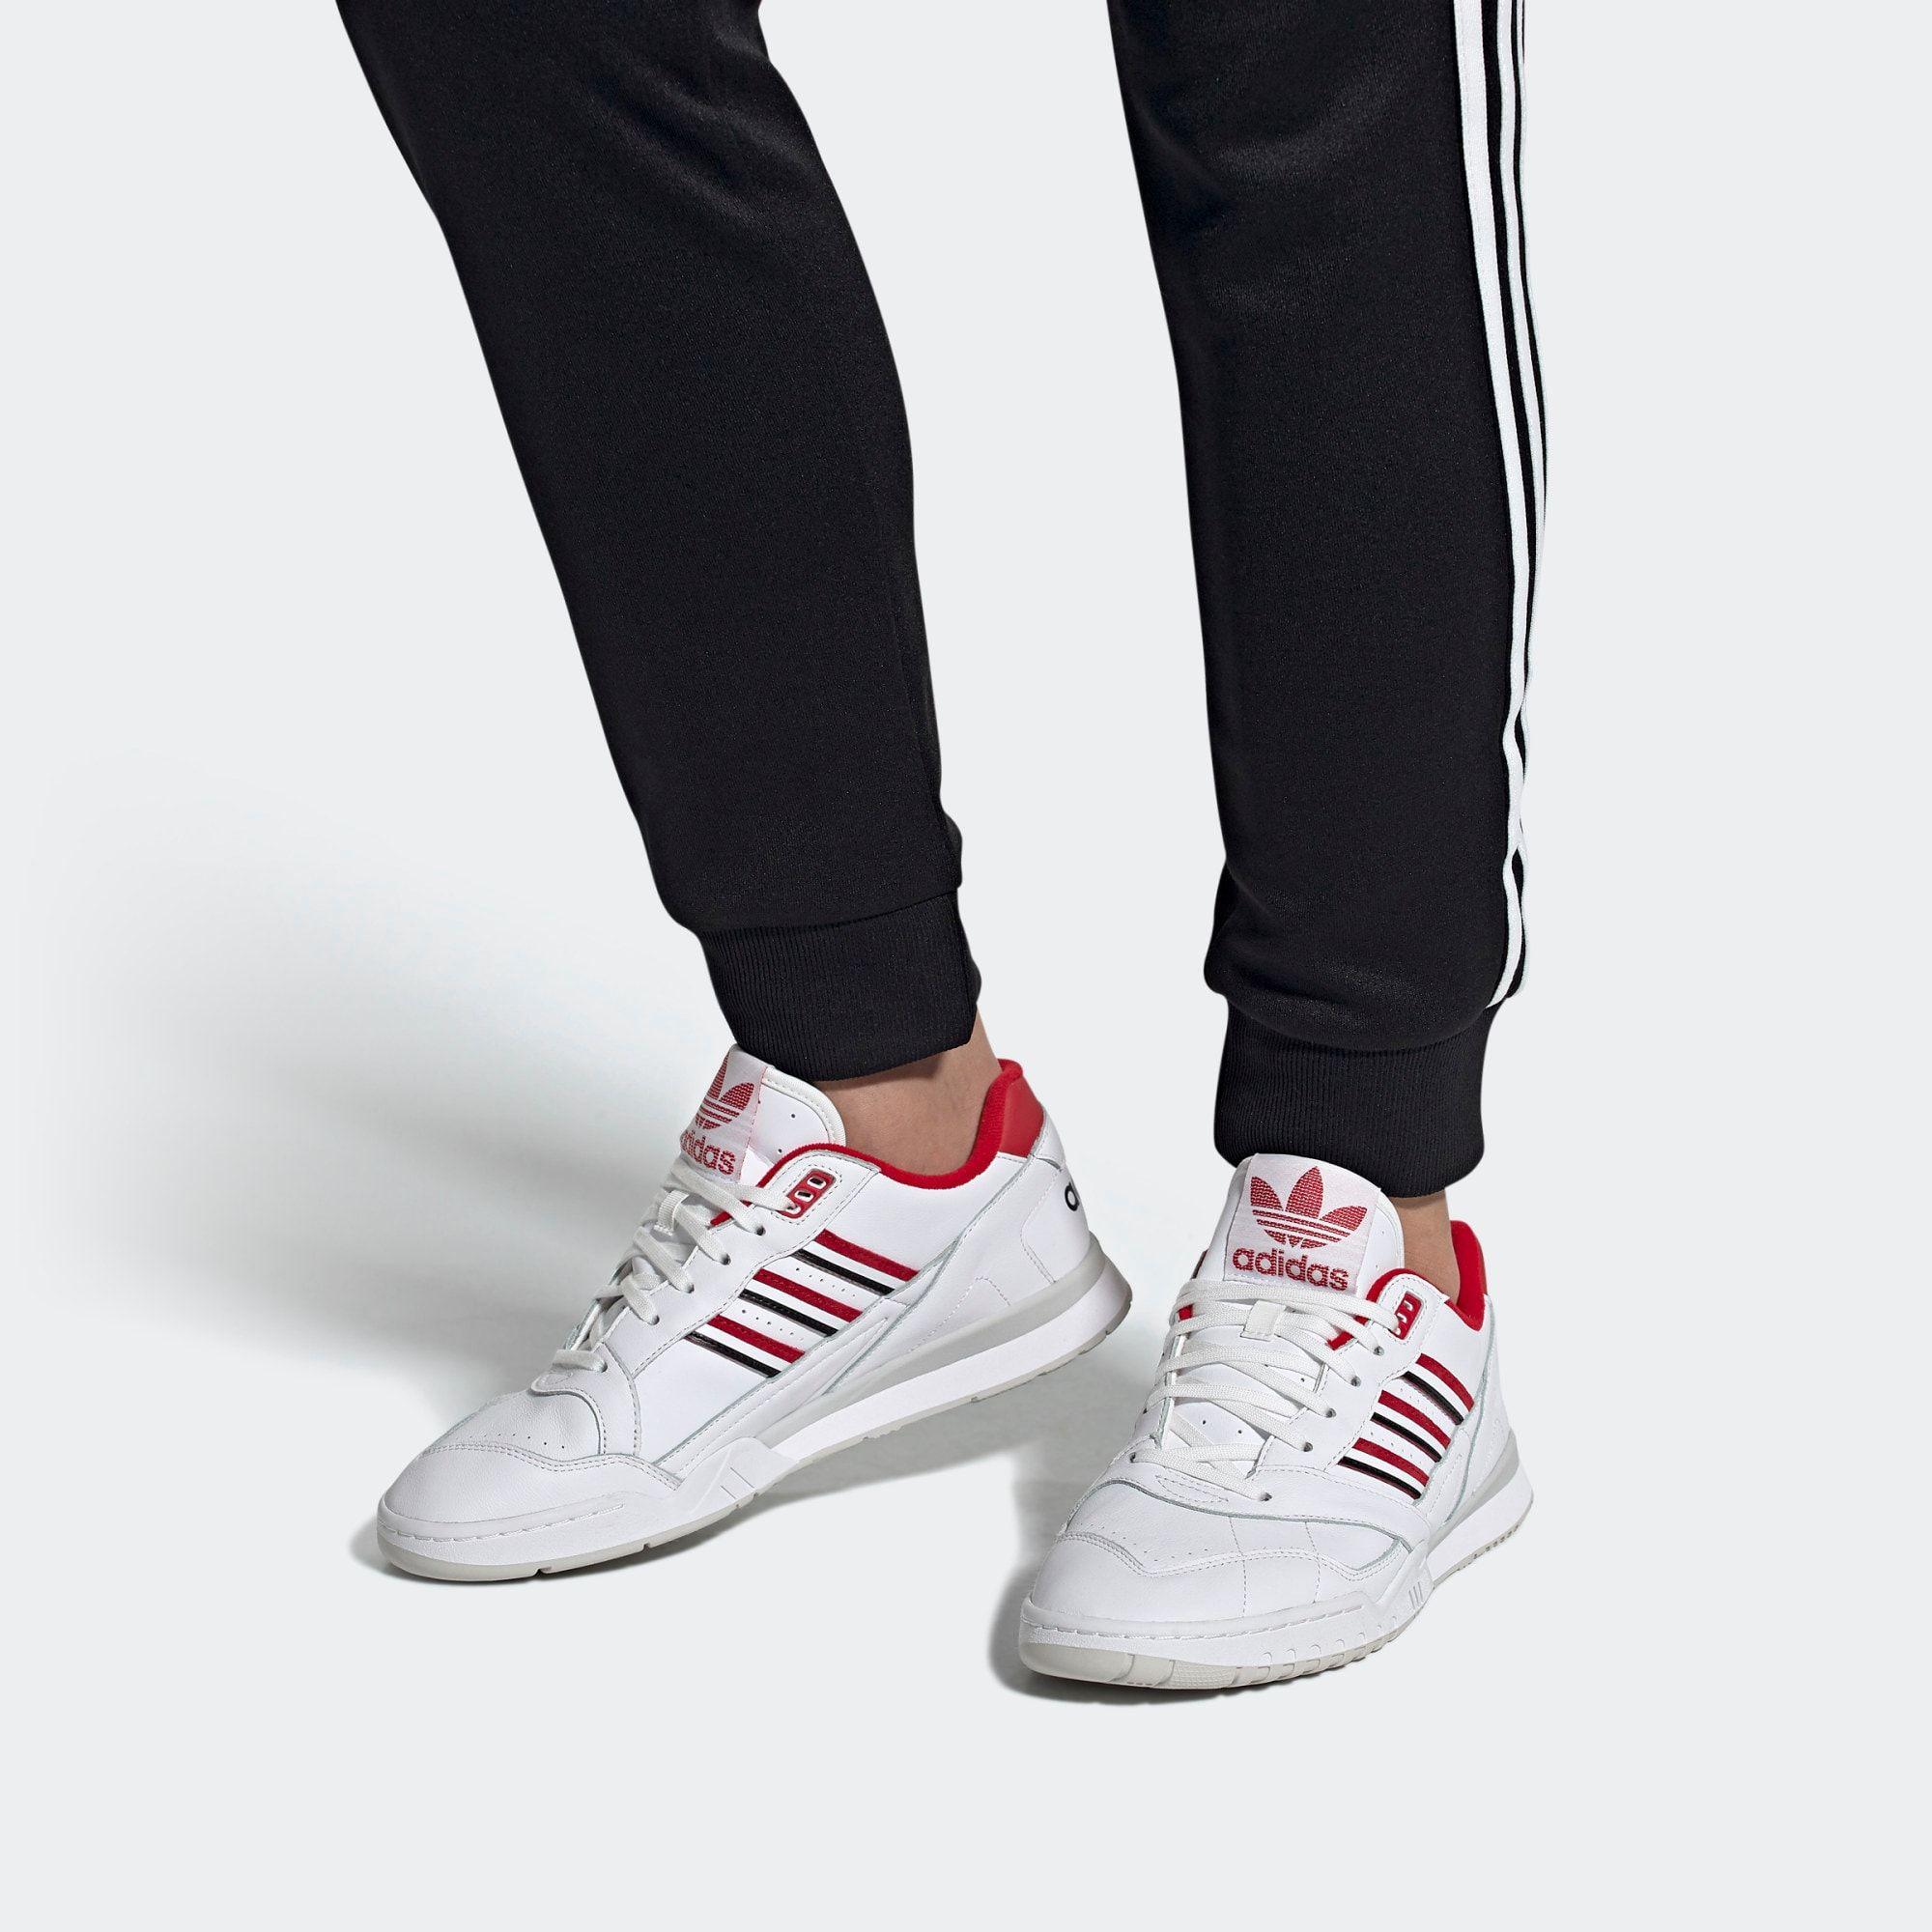 ADIDAS ORIGINALS Sneaker 'AR Trainer' Damen, Weiß, Größe 45 ...